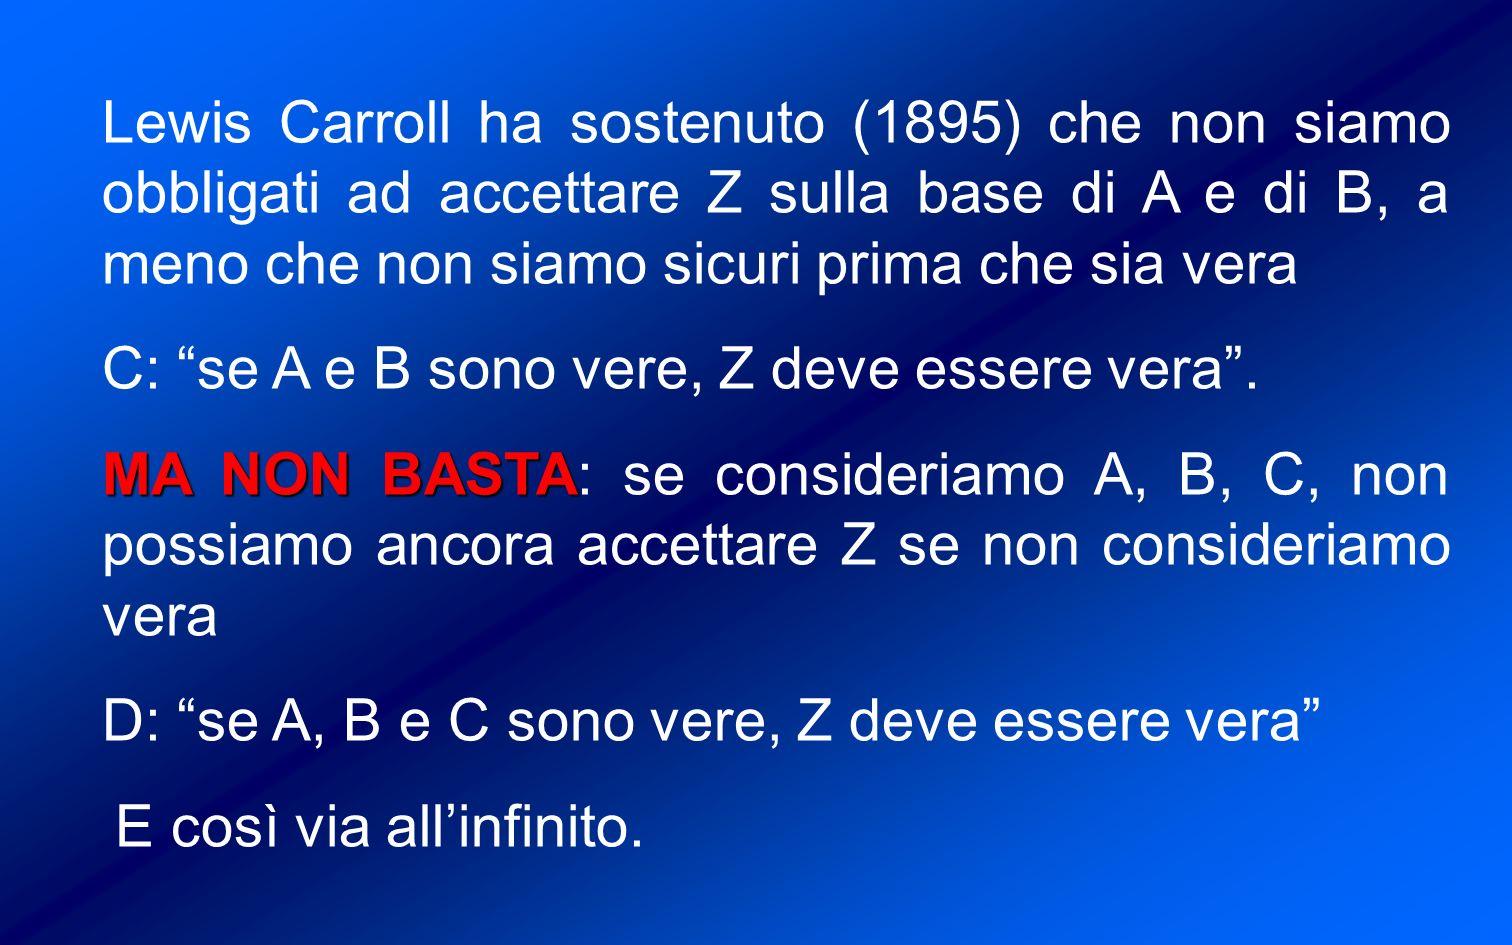 Lewis Carroll ha sostenuto (1895) che non siamo obbligati ad accettare Z sulla base di A e di B, a meno che non siamo sicuri prima che sia vera C: se A e B sono vere, Z deve essere vera.